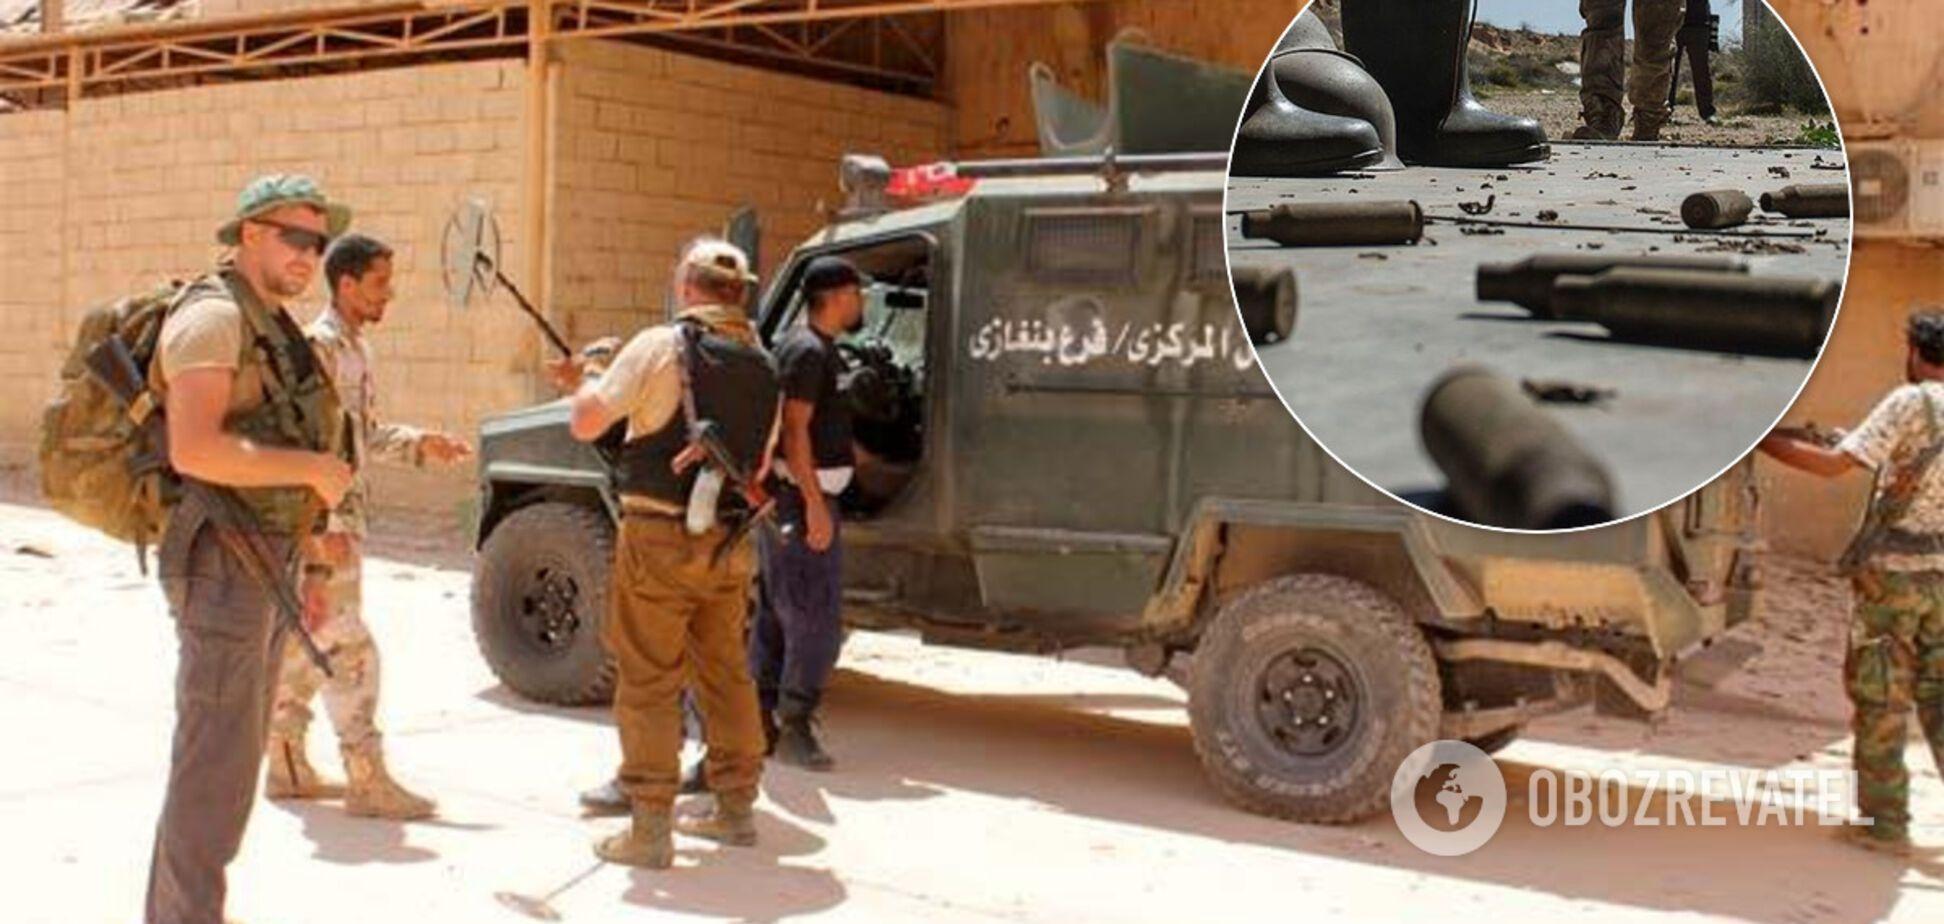 Наемники ЧВК 'Вагнера' применили в Ливии химическое оружие: назрел международный скандал